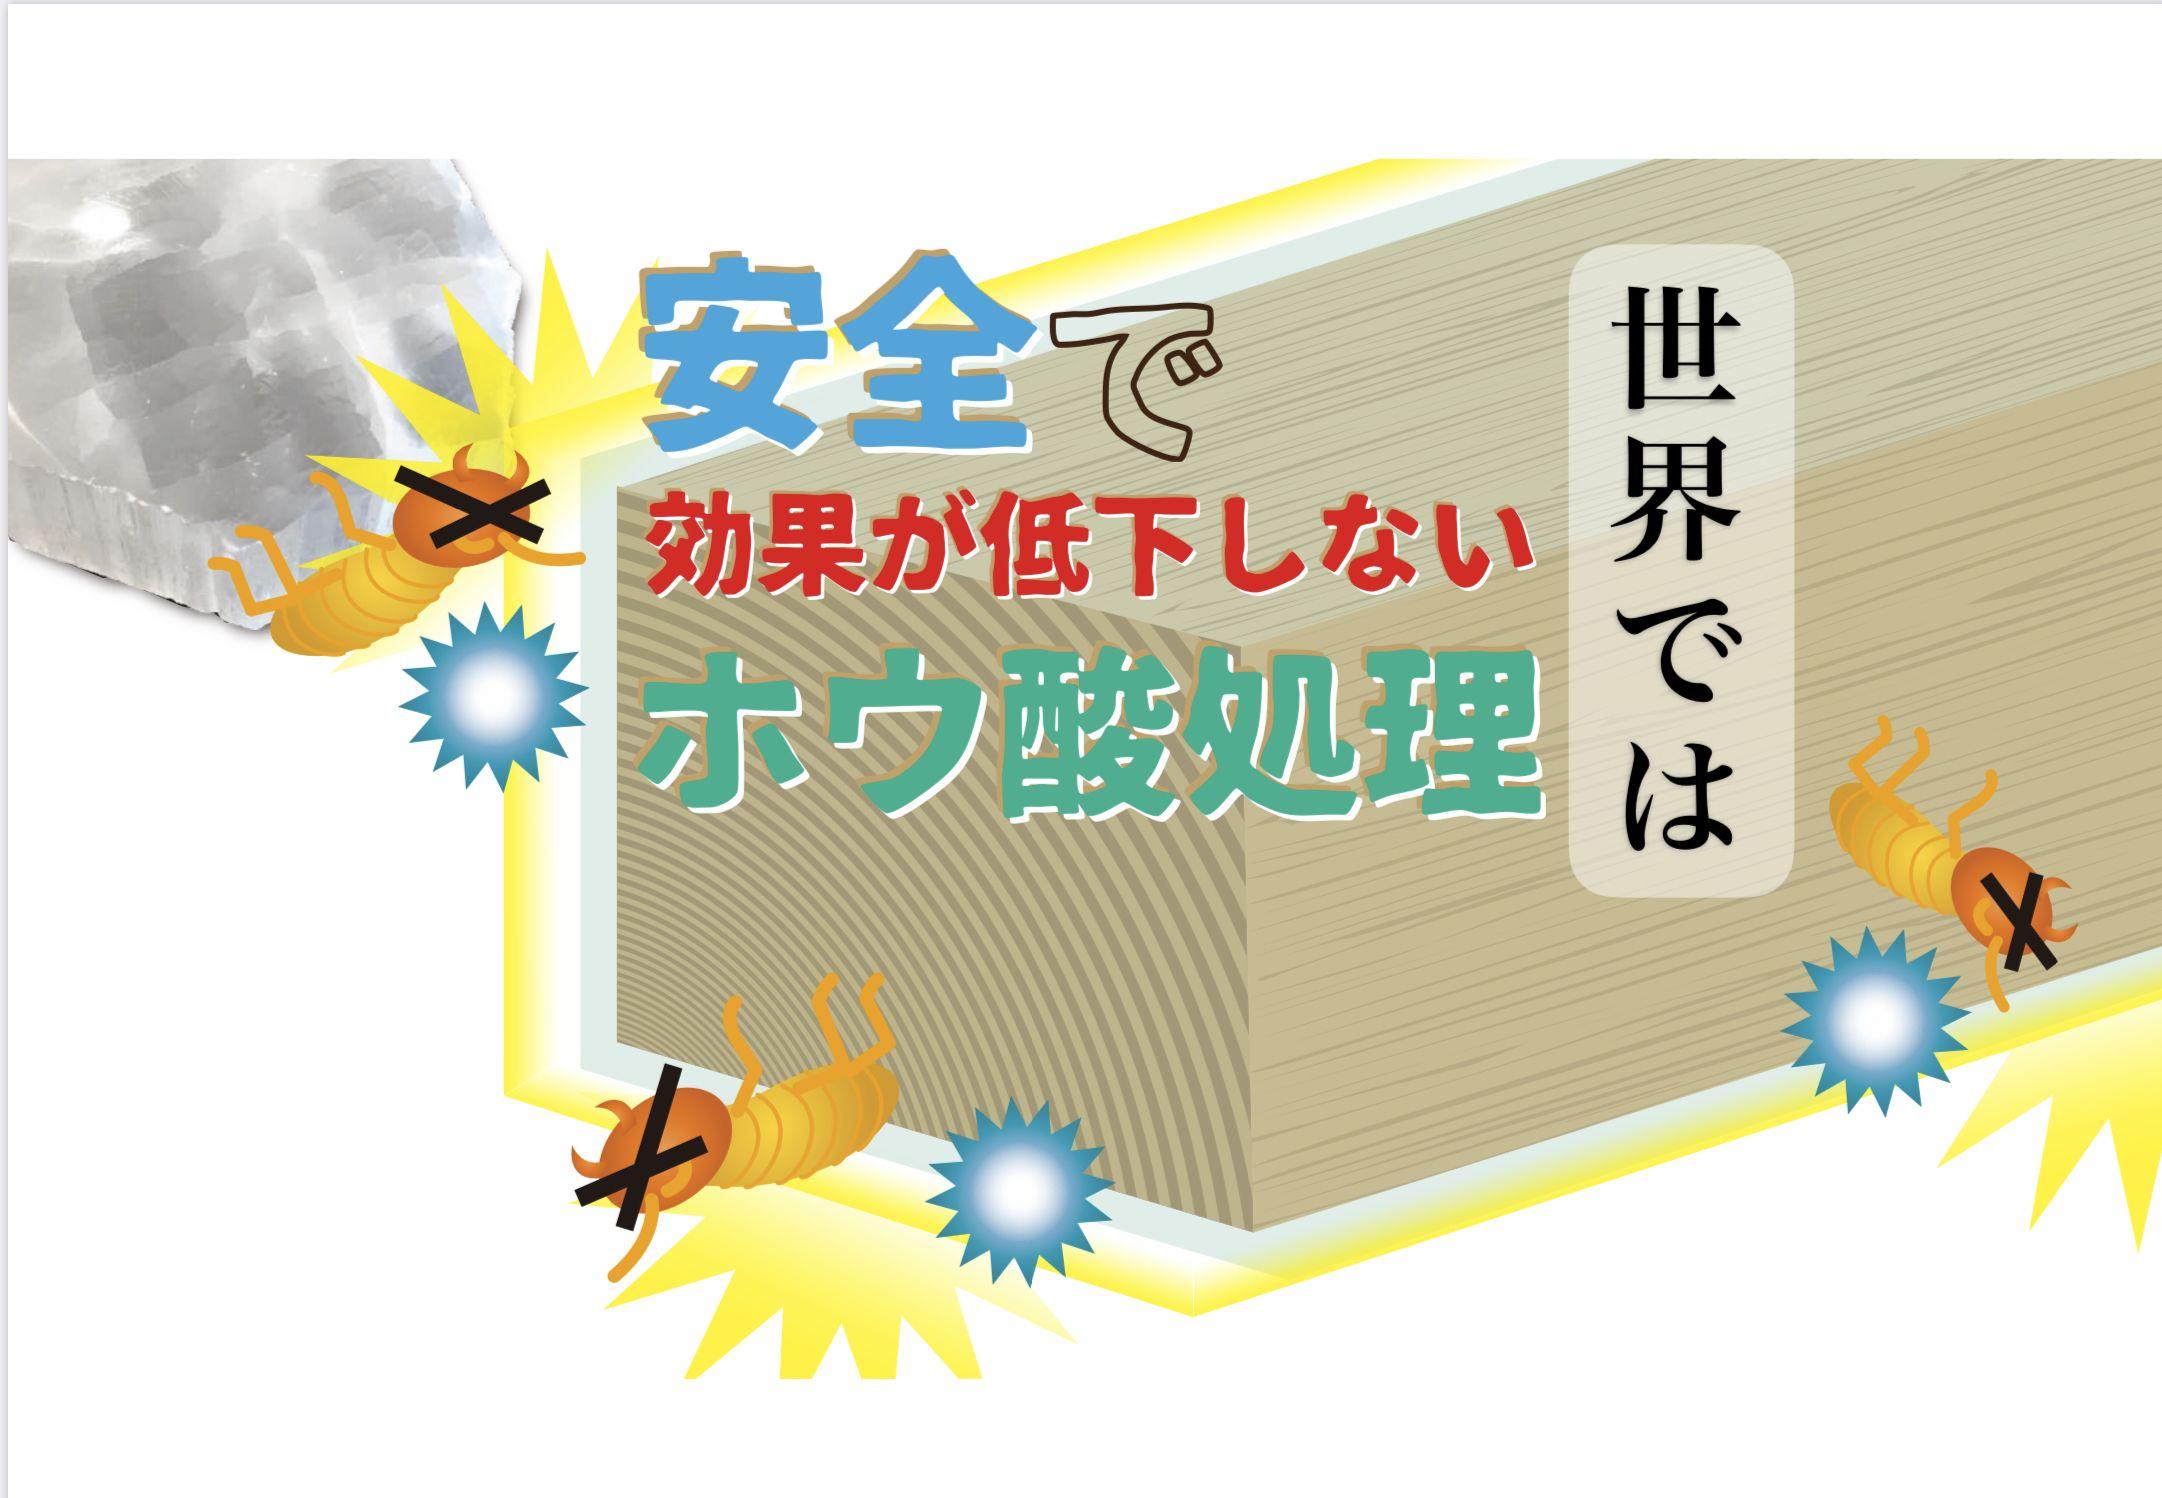 有限会社 ヤマナカのスライドイメージ8枚目